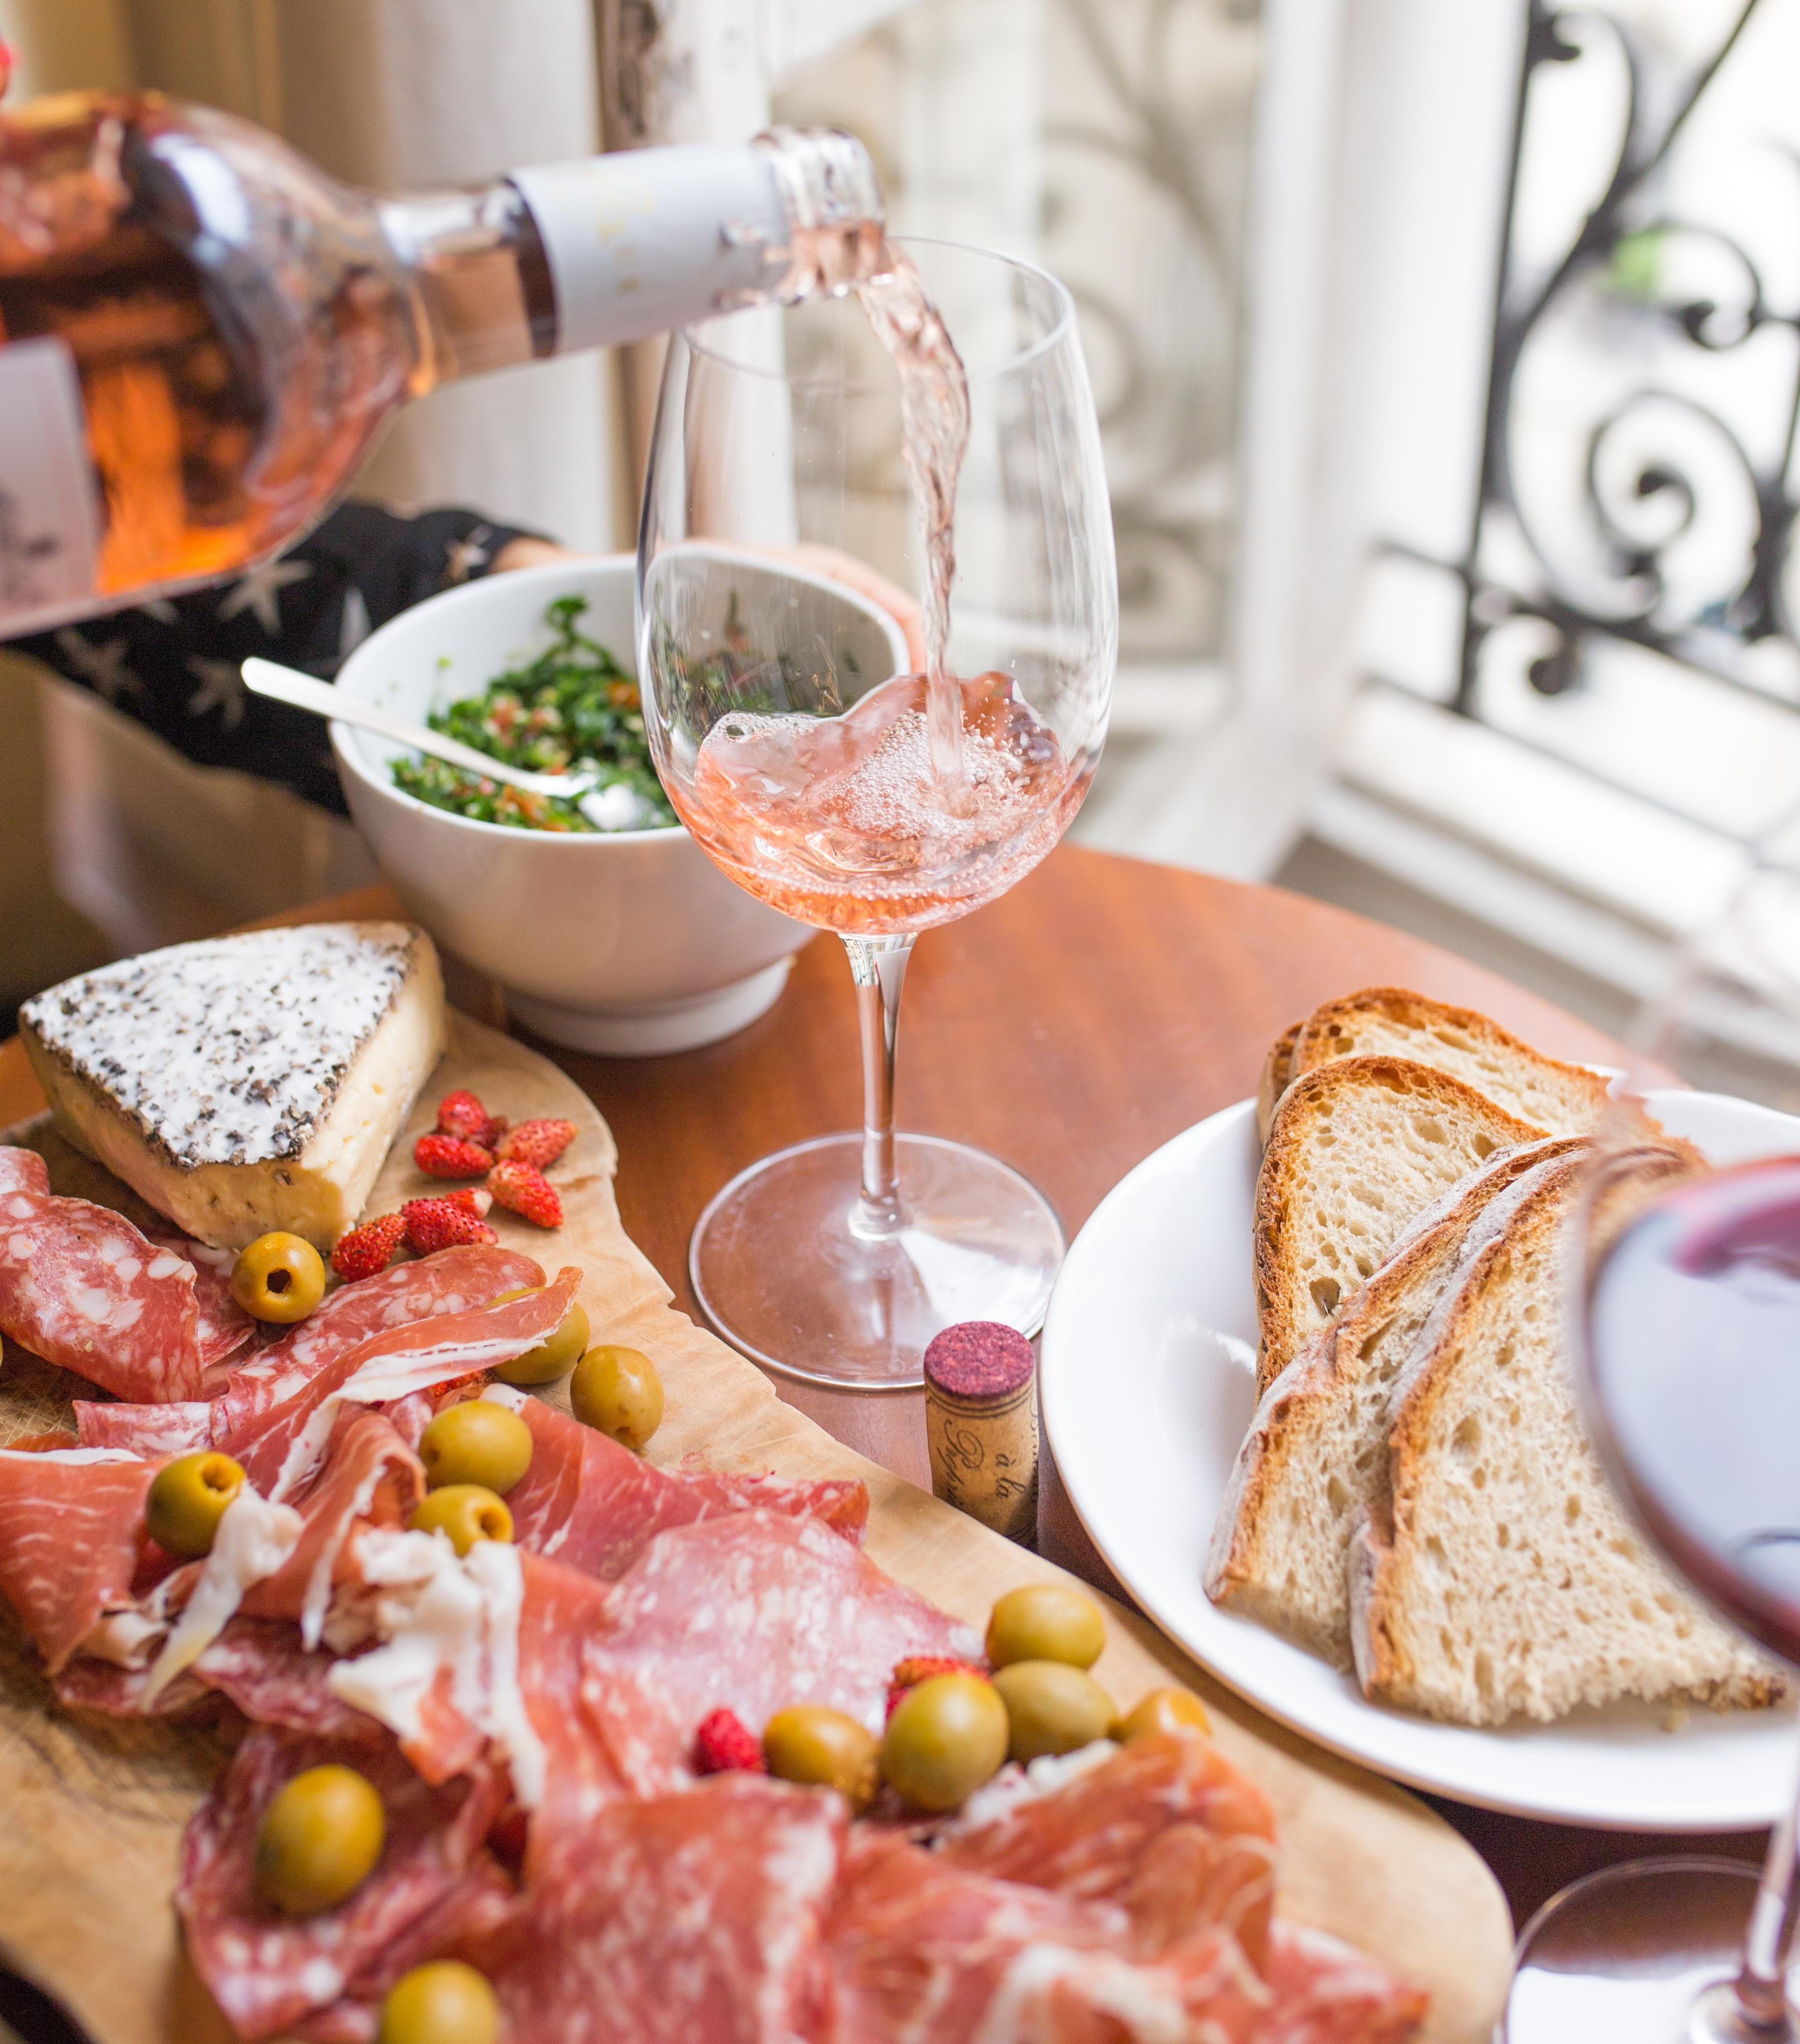 Salami, Oliven, Wein und Käse